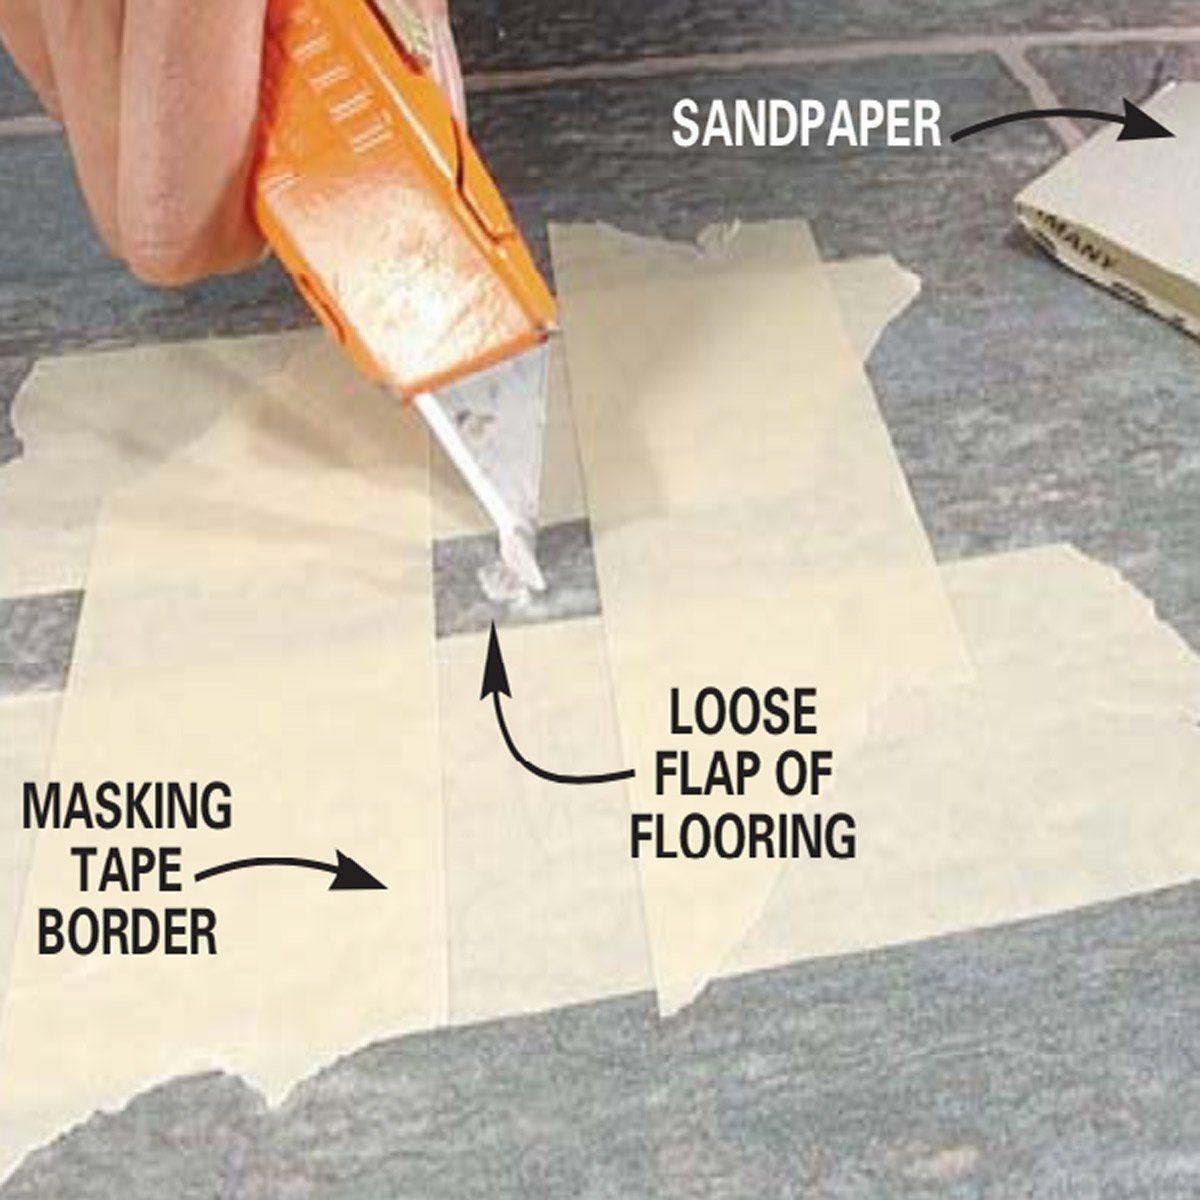 Repairing Vinyl Flooring With Images Vinyl Flooring Flooring